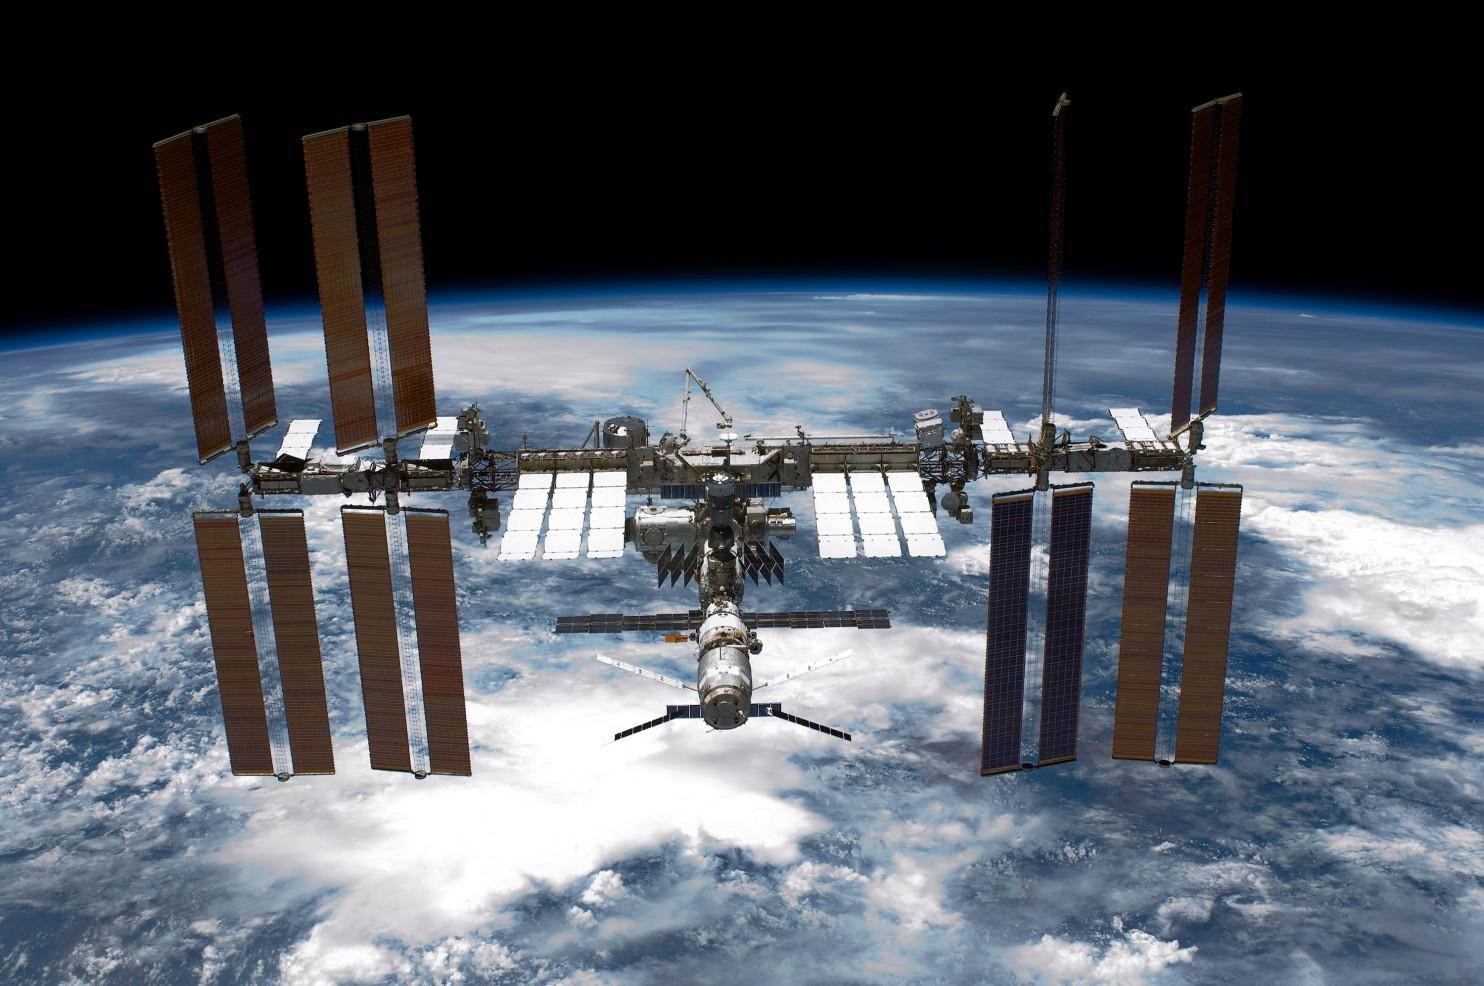 俄一艘进步号货运飞船失事 国际空间站不会受影响